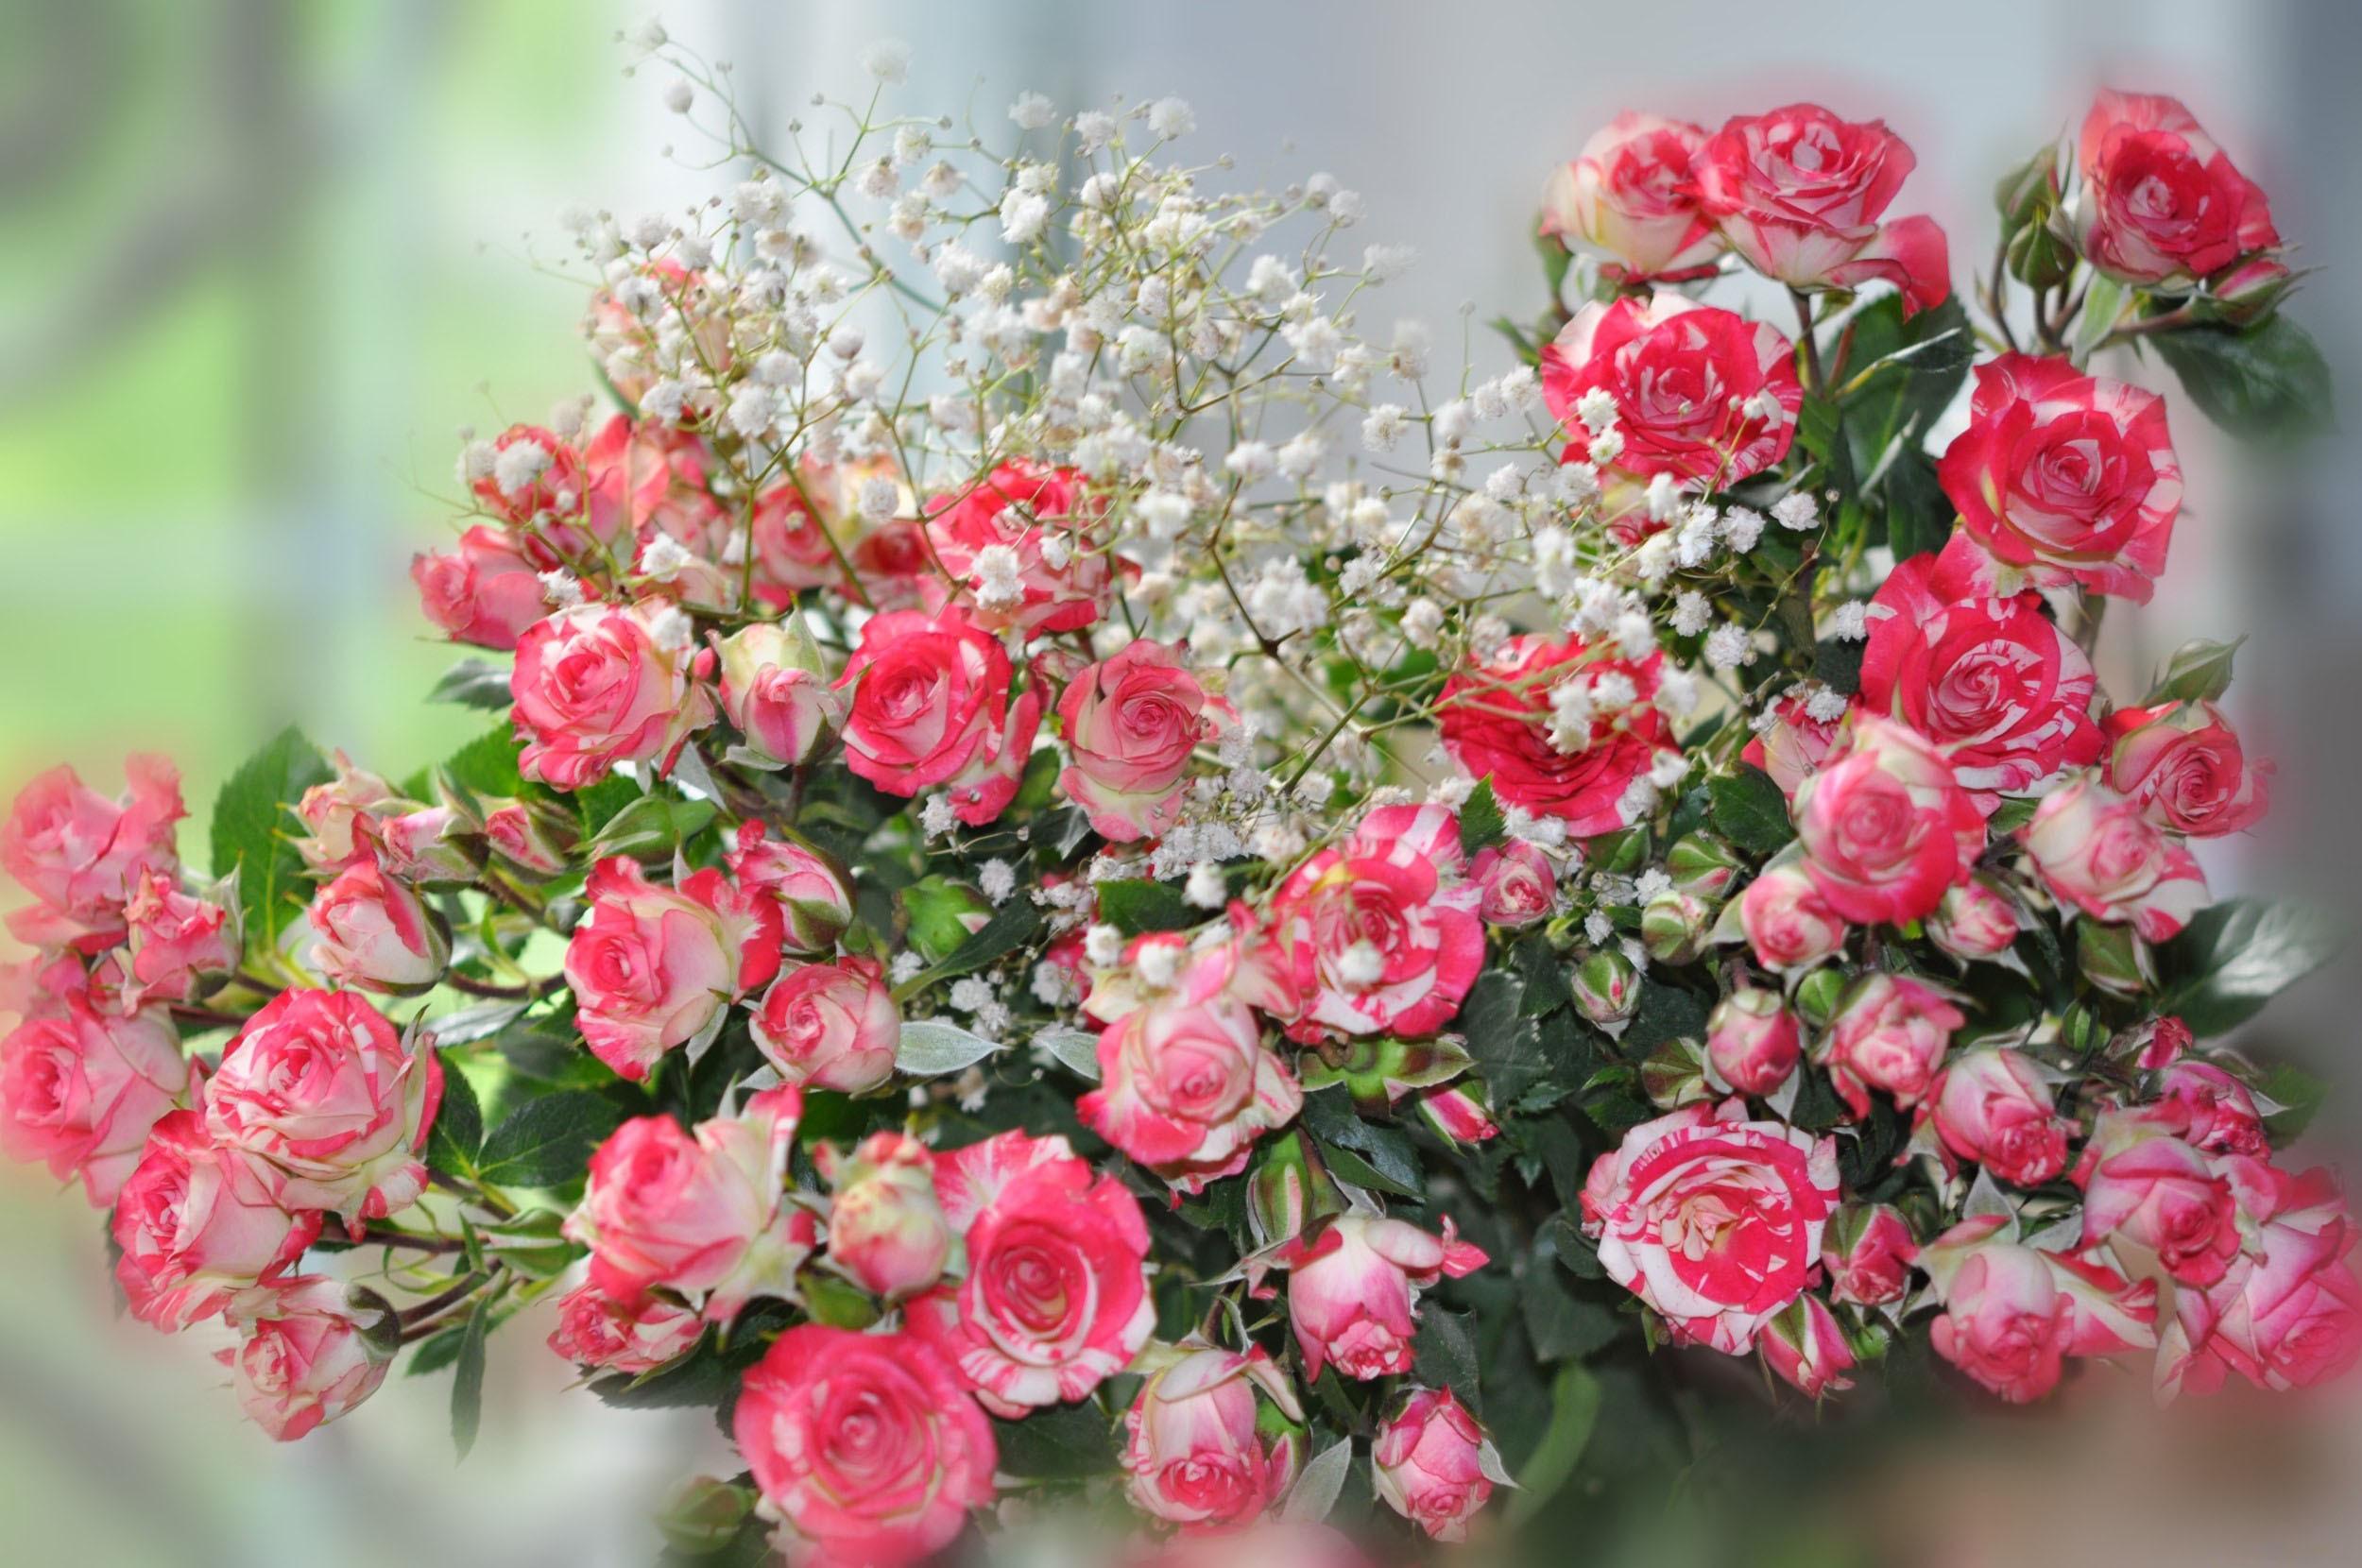 Небольшие картинки с цветами красивые, днем